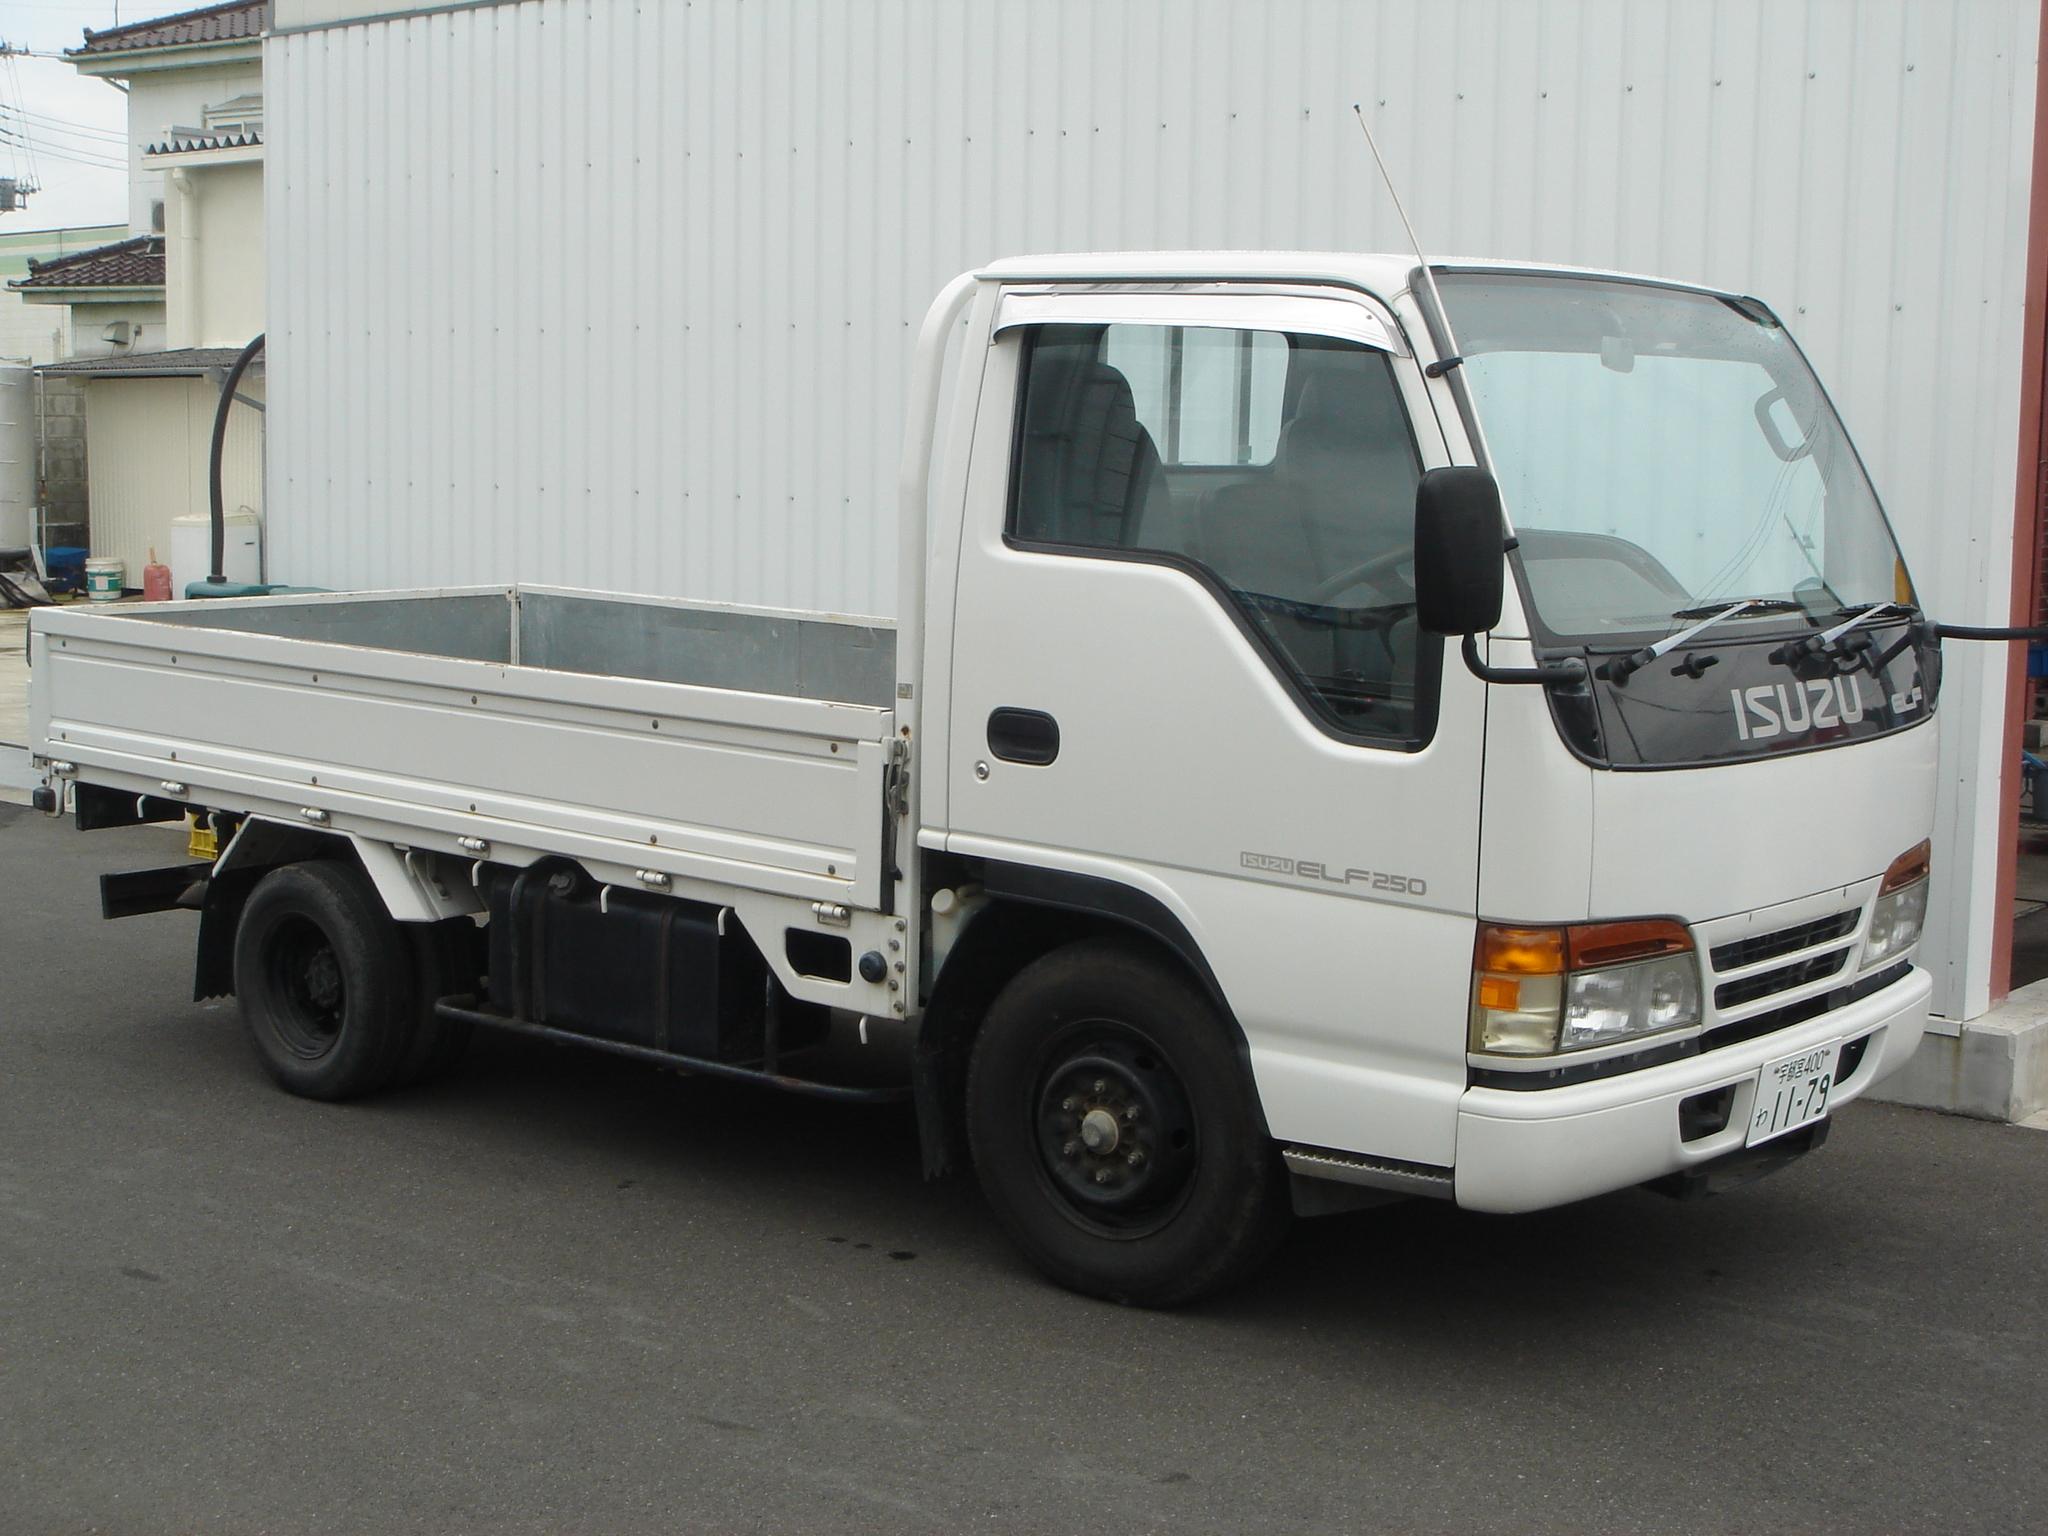 エルフ 2tトラック(荷台1.6m×3.1m)マニュアル車3人写真